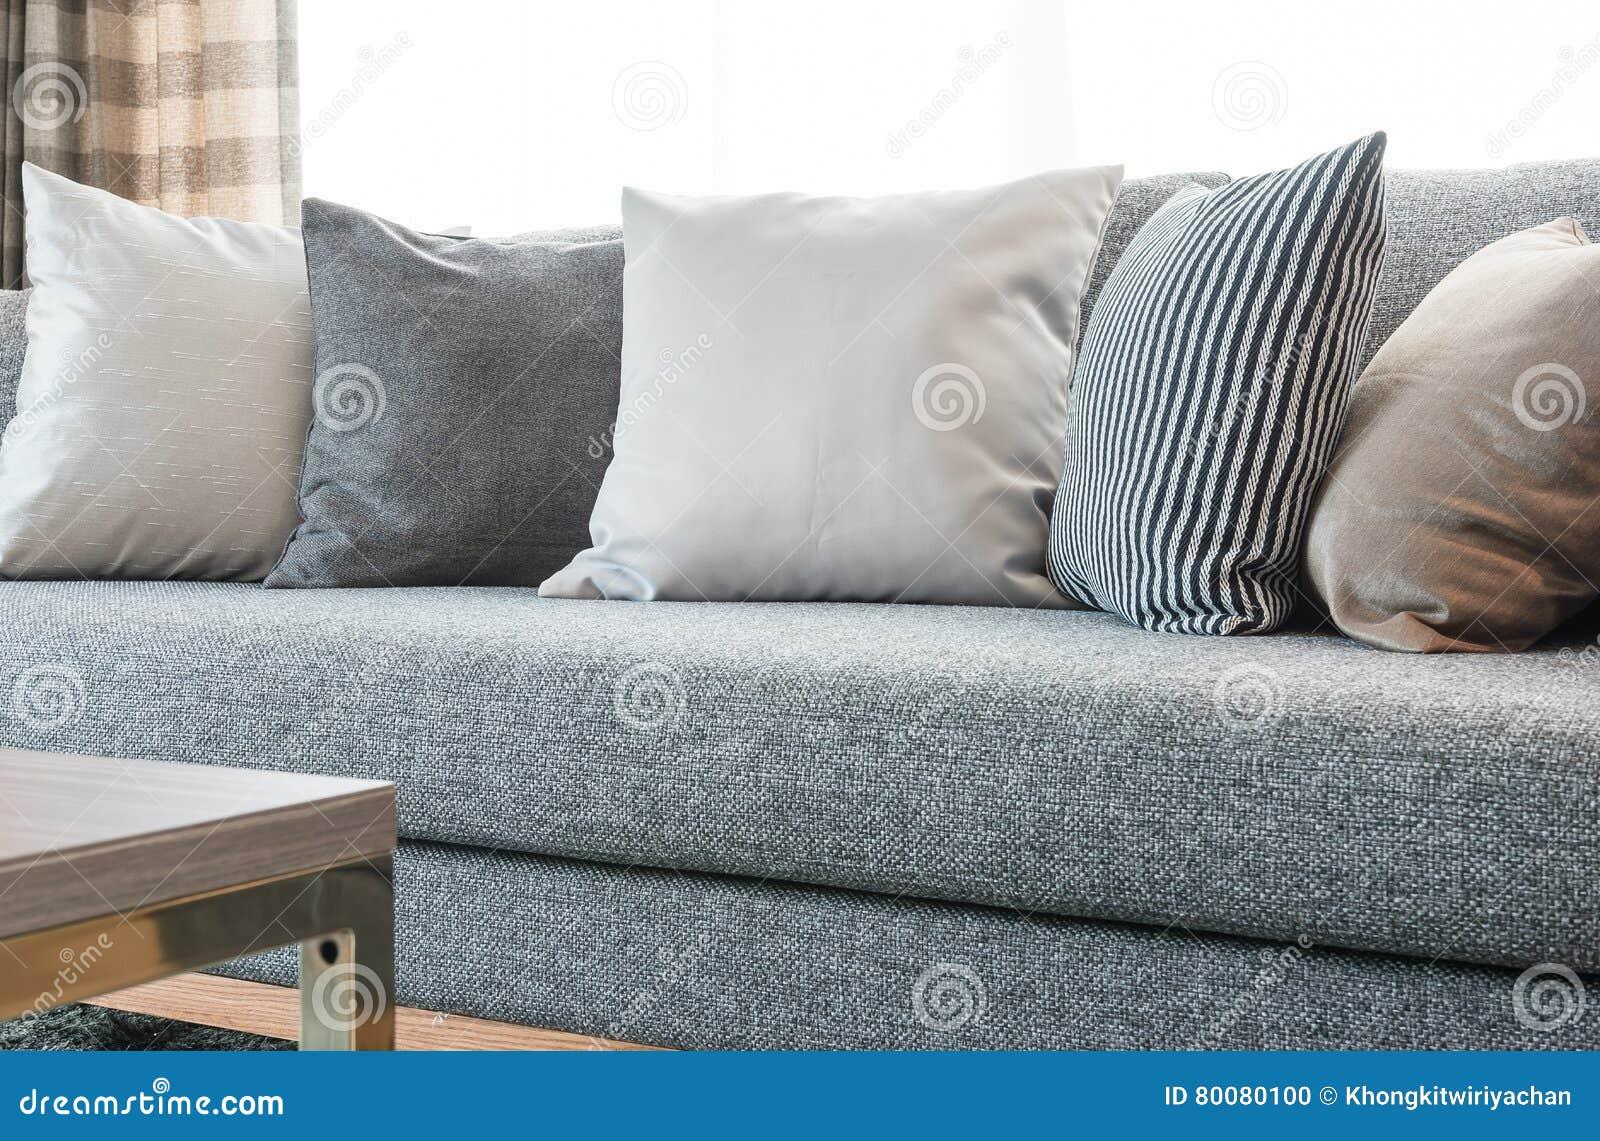 Woonkamer Grijze Bank : Licht grijze banken new woonkamer banken bruin u banken fauteuils